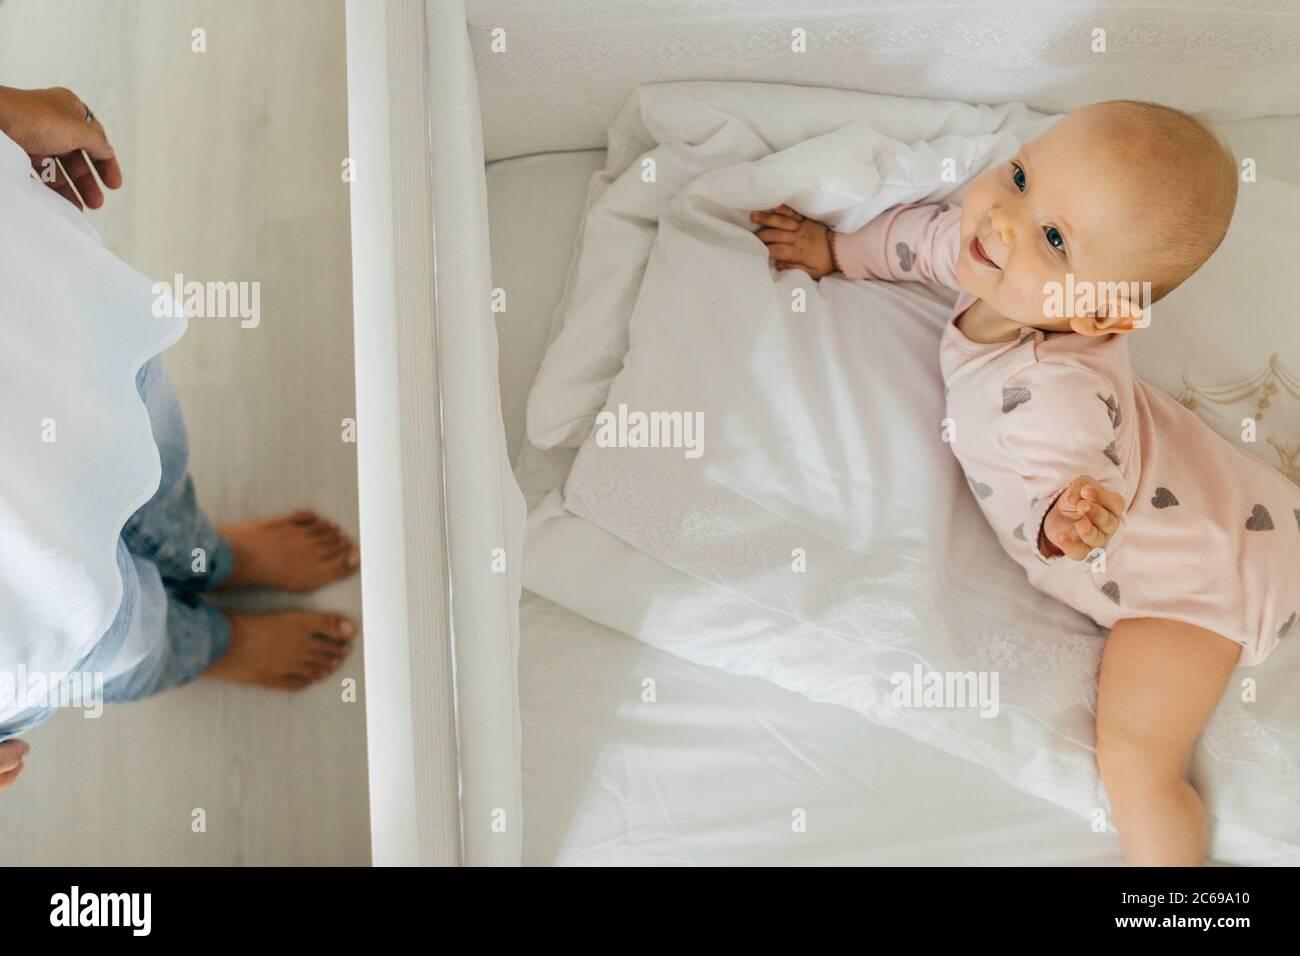 Bébé heureux au lit et jambes de mères. À la maison, intérieur léger. Banque D'Images